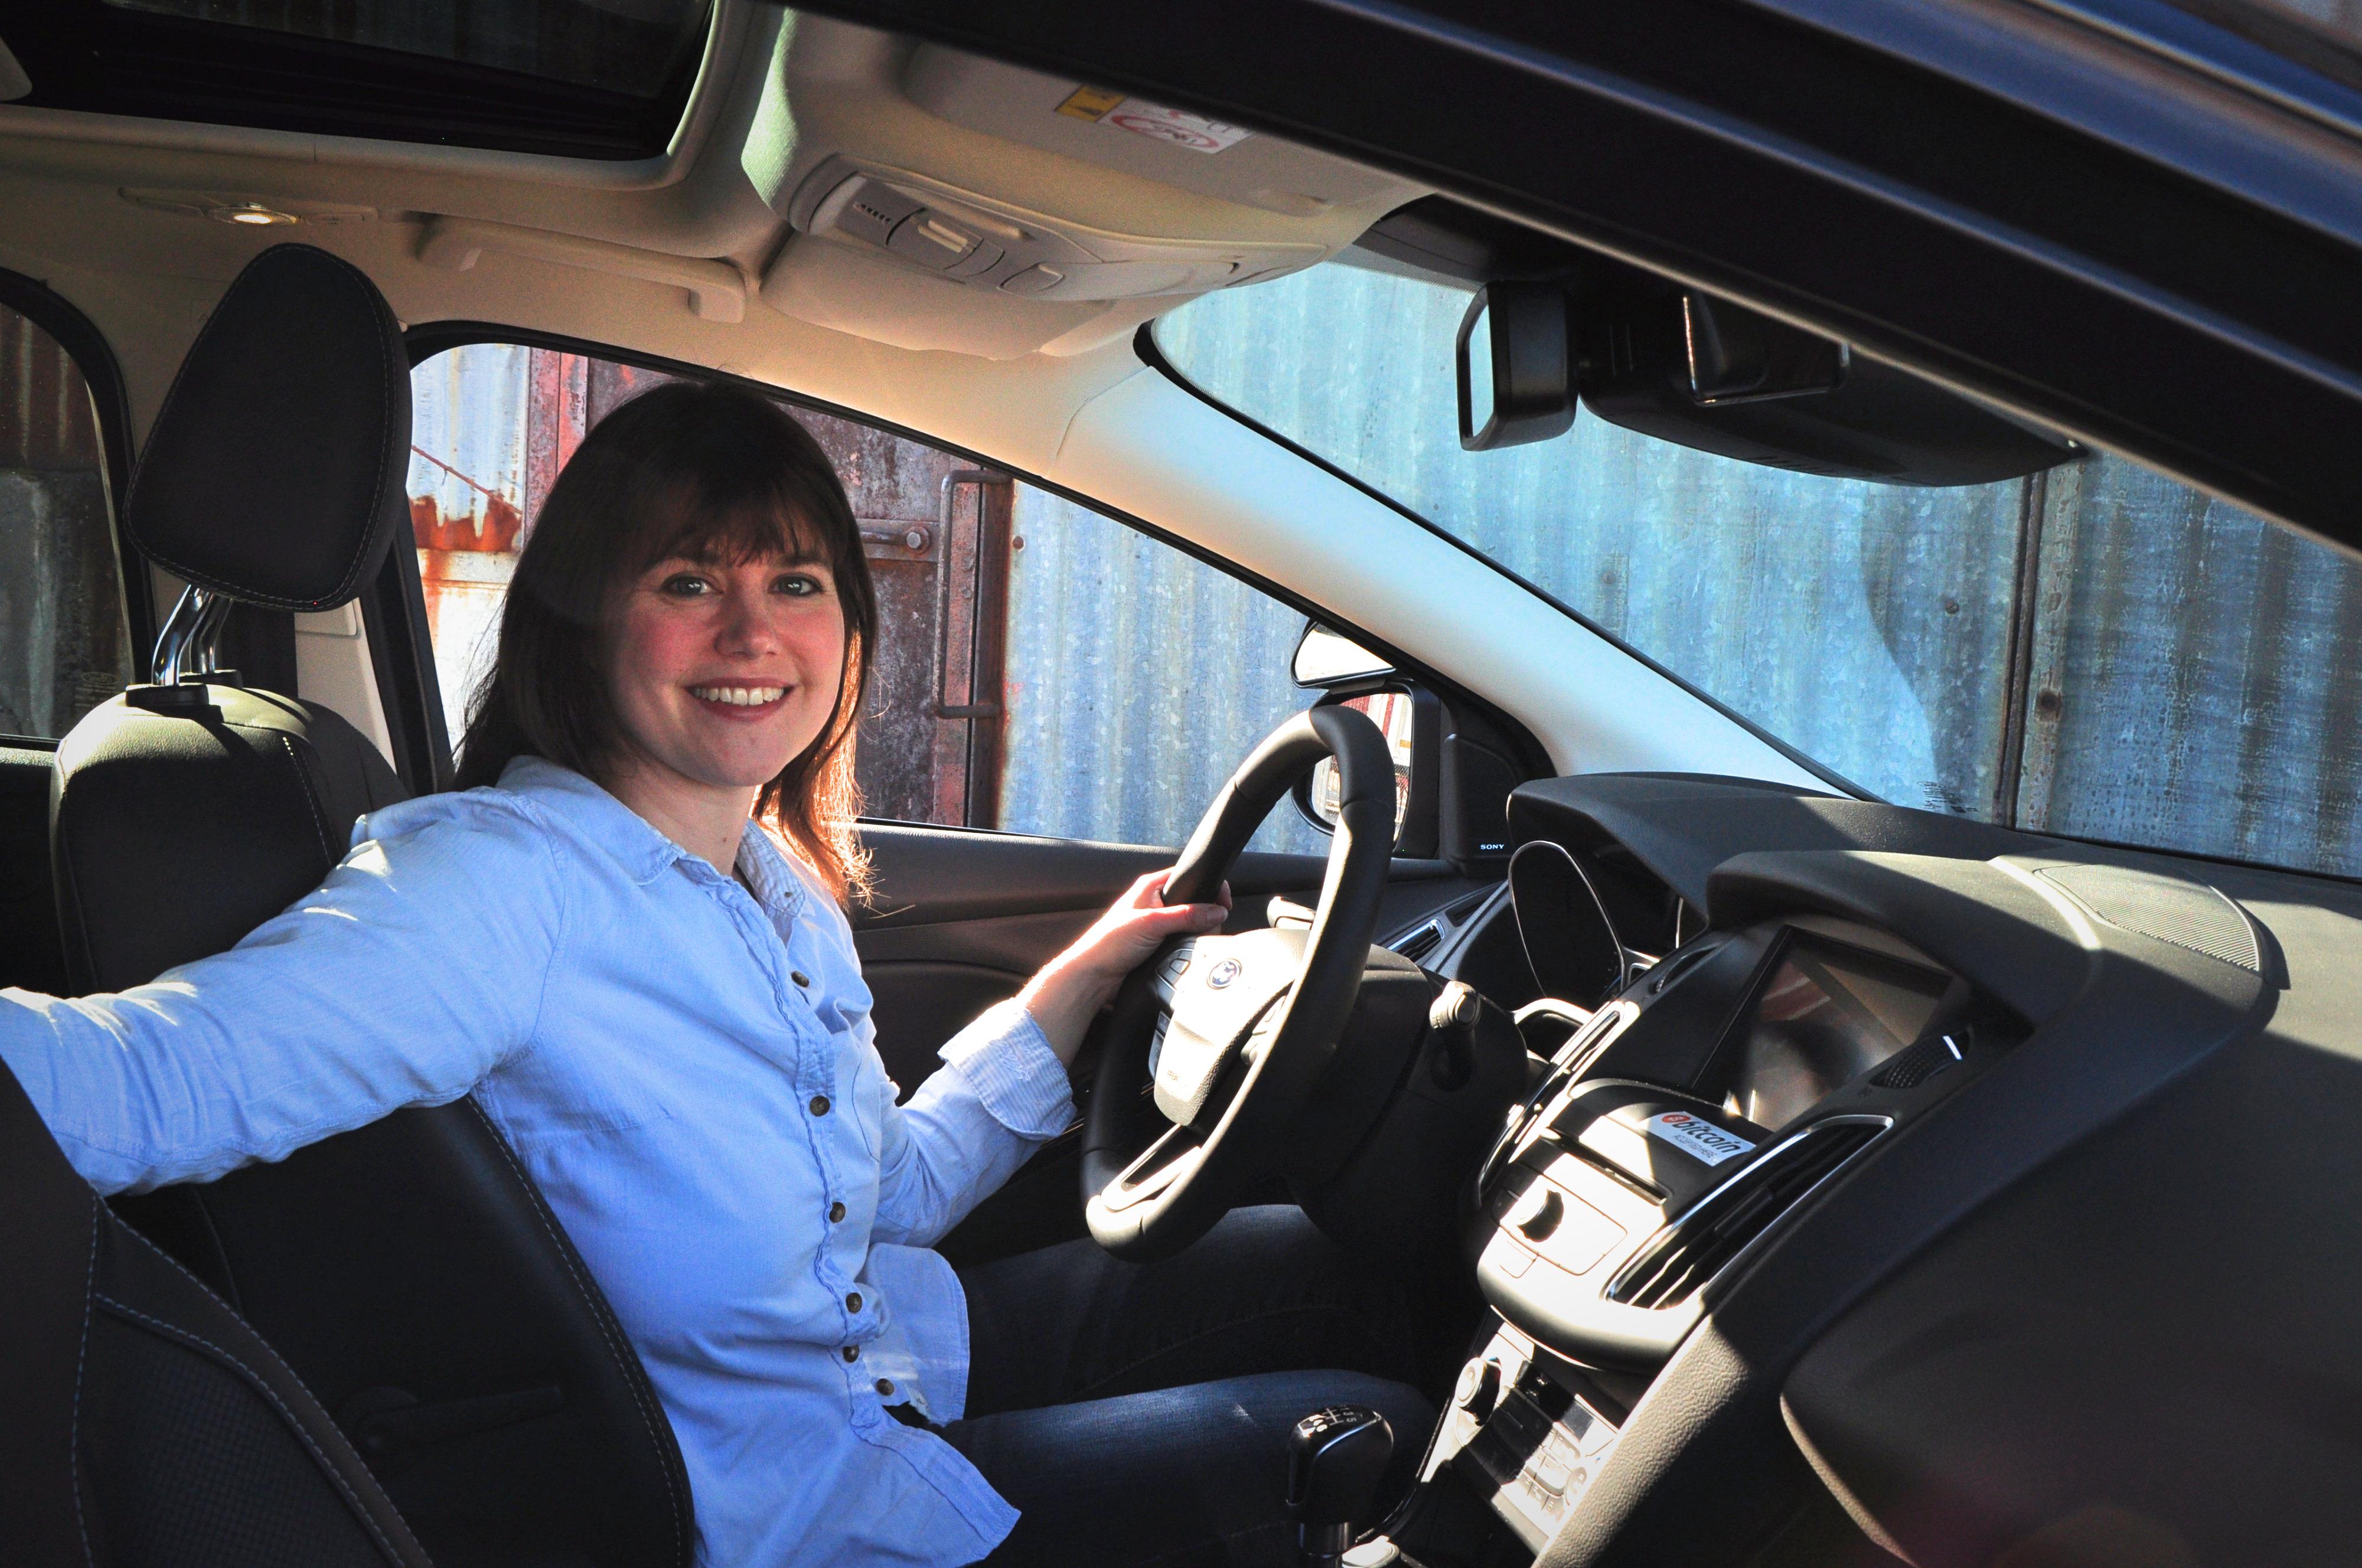 Nathalie im Auto ihres Fords